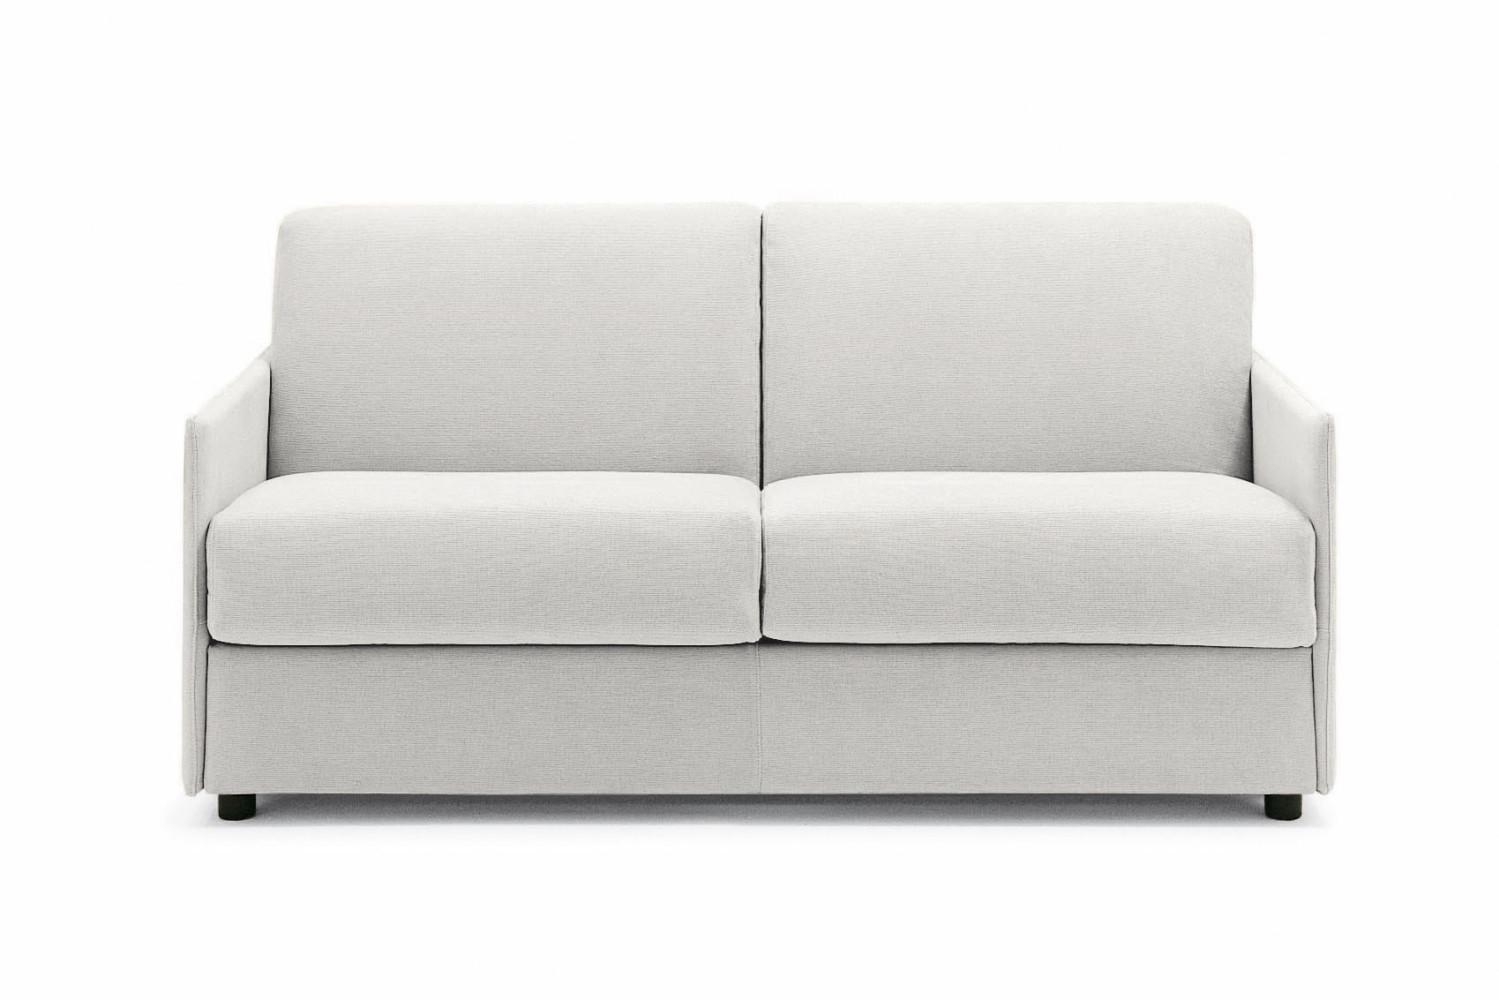 Divano letto con braccioli sottili stan for Divano 80 cm